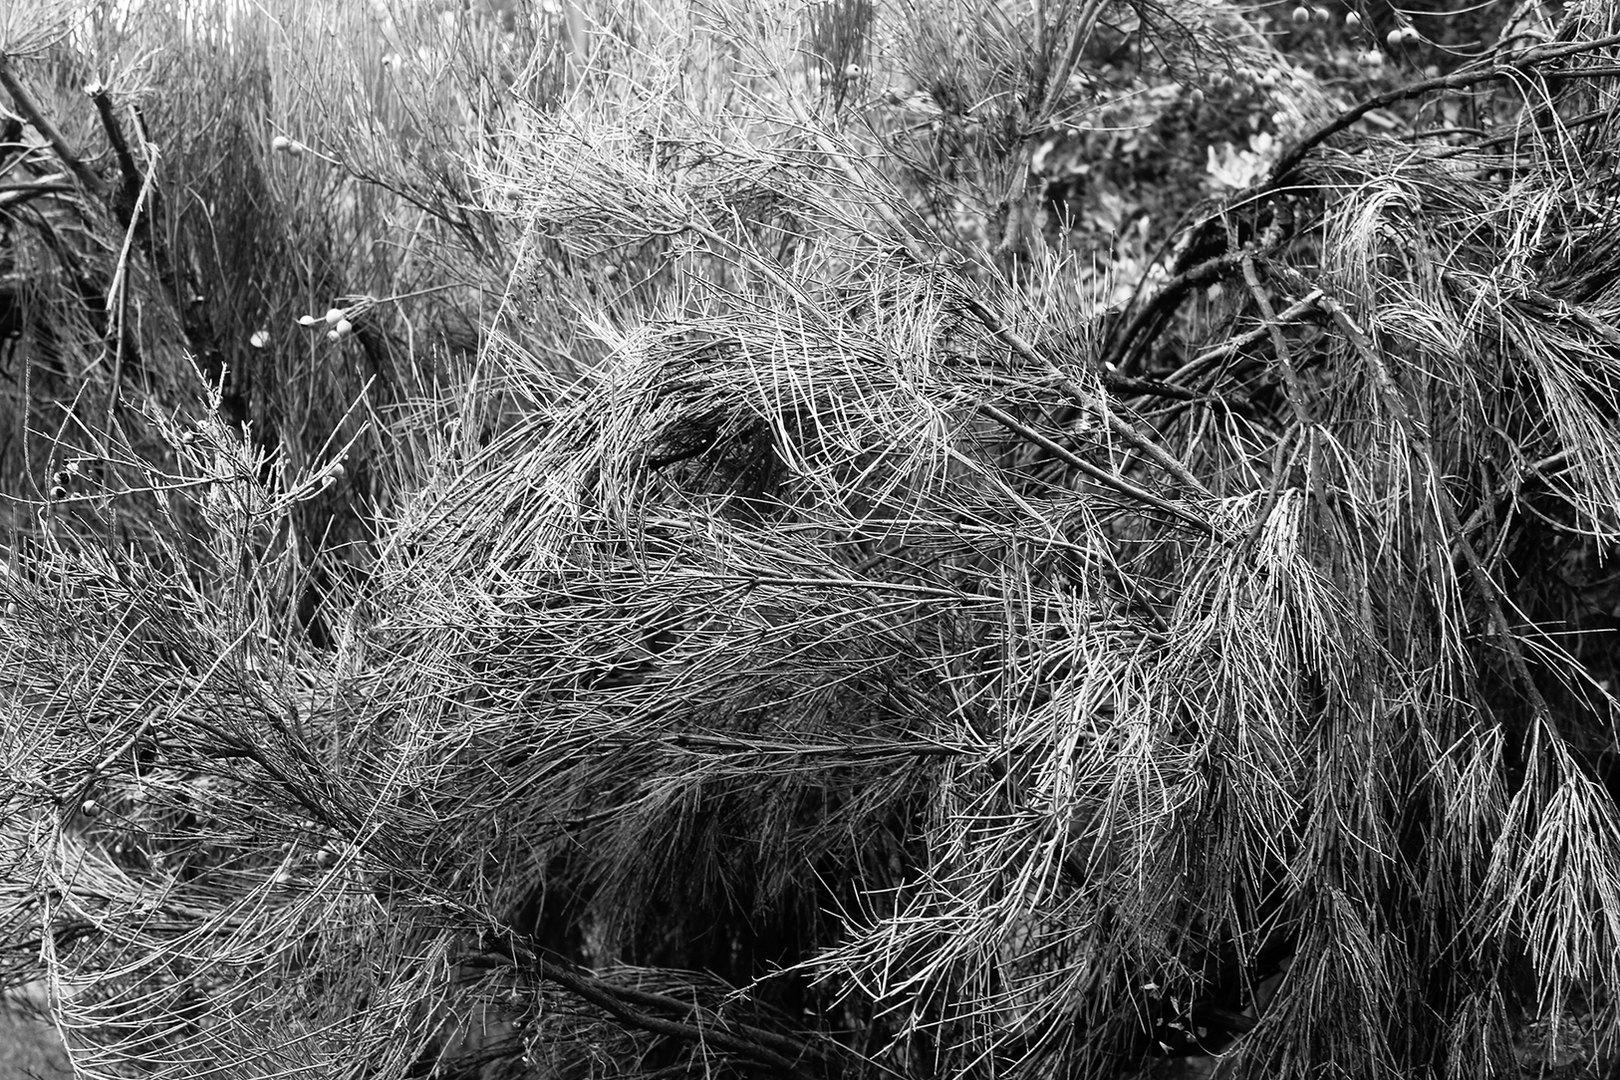 Angie Saiz Reflex. Un jardín y otras cosas que atesorar  Serie fotográfica | 2018-19   Impresión digital sobre papel algodón etching rag  40 x 60 cms c/u. © 2020